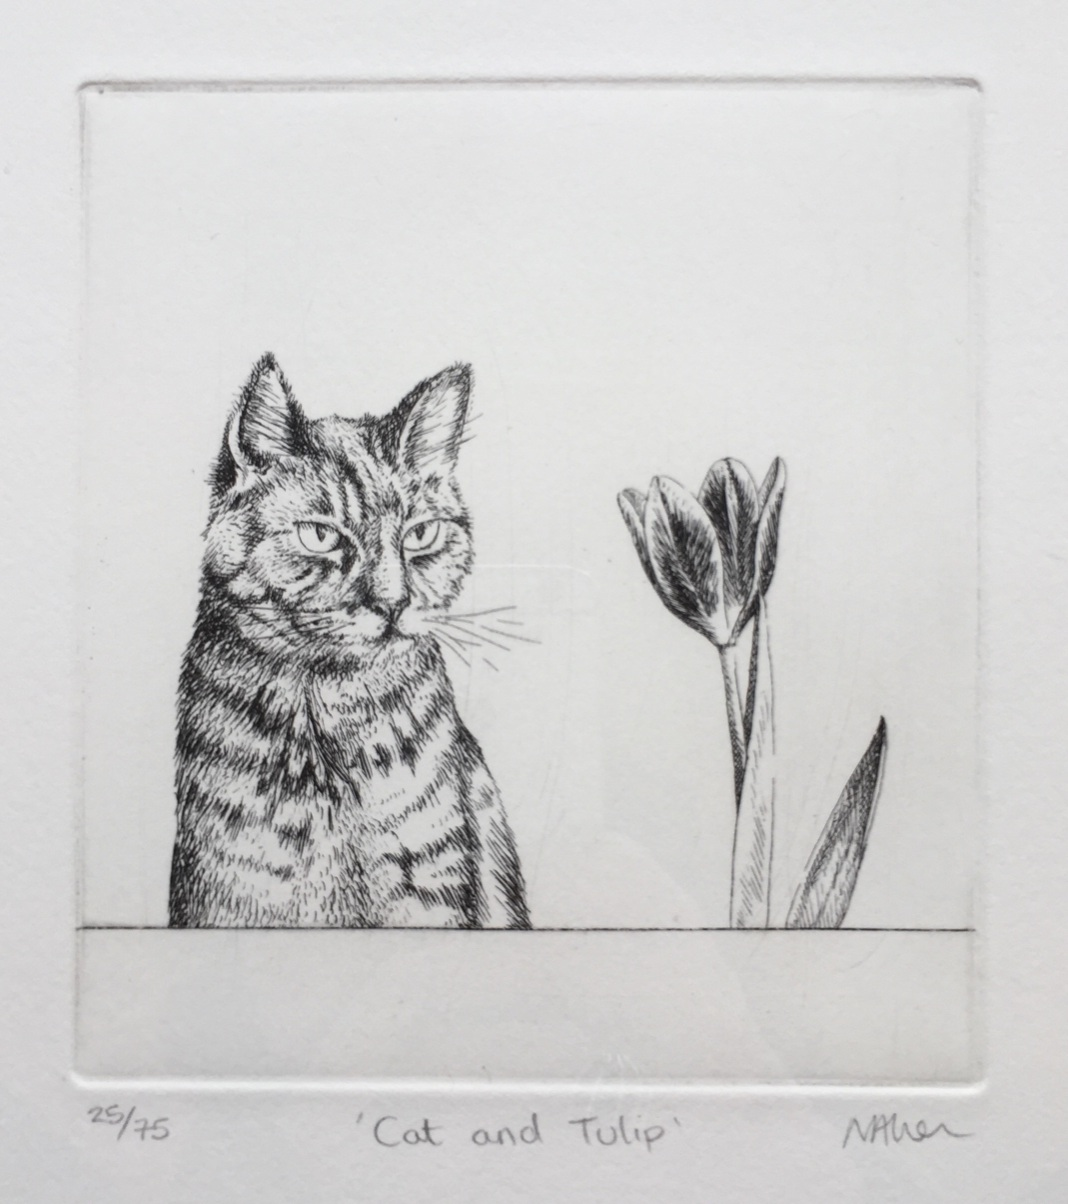 Neisha Allen ARUA, Cat and Tulip, etching, 12.5 x 11.5 cm